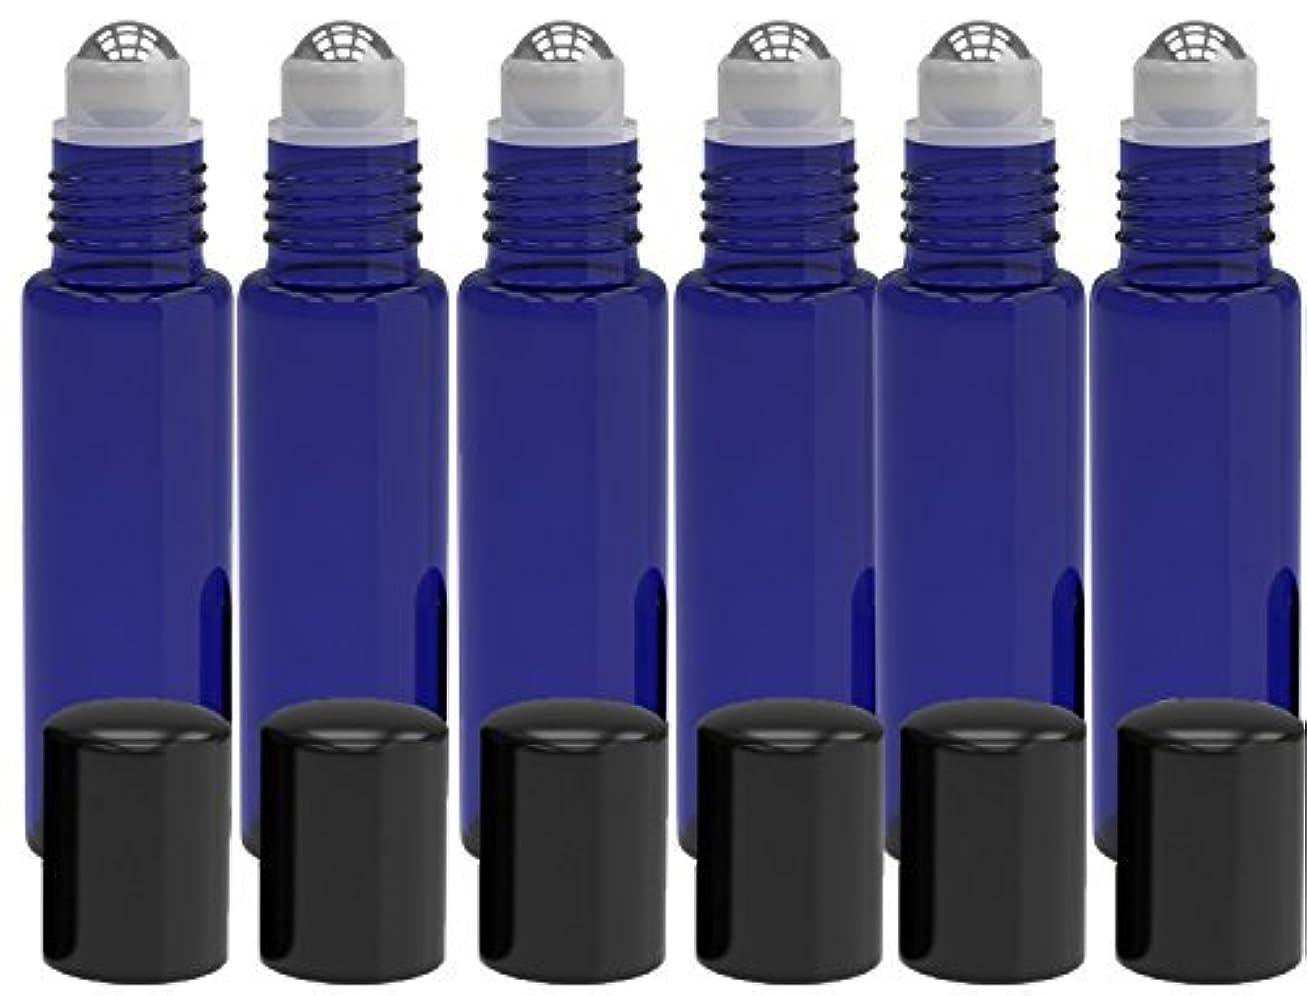 キルト黒人海里6 Pack - Empty Roll on Glass Bottles [STAINLESS STEEL ROLLER] 10ml Refillable Color Roll On for Fragrance Essential...